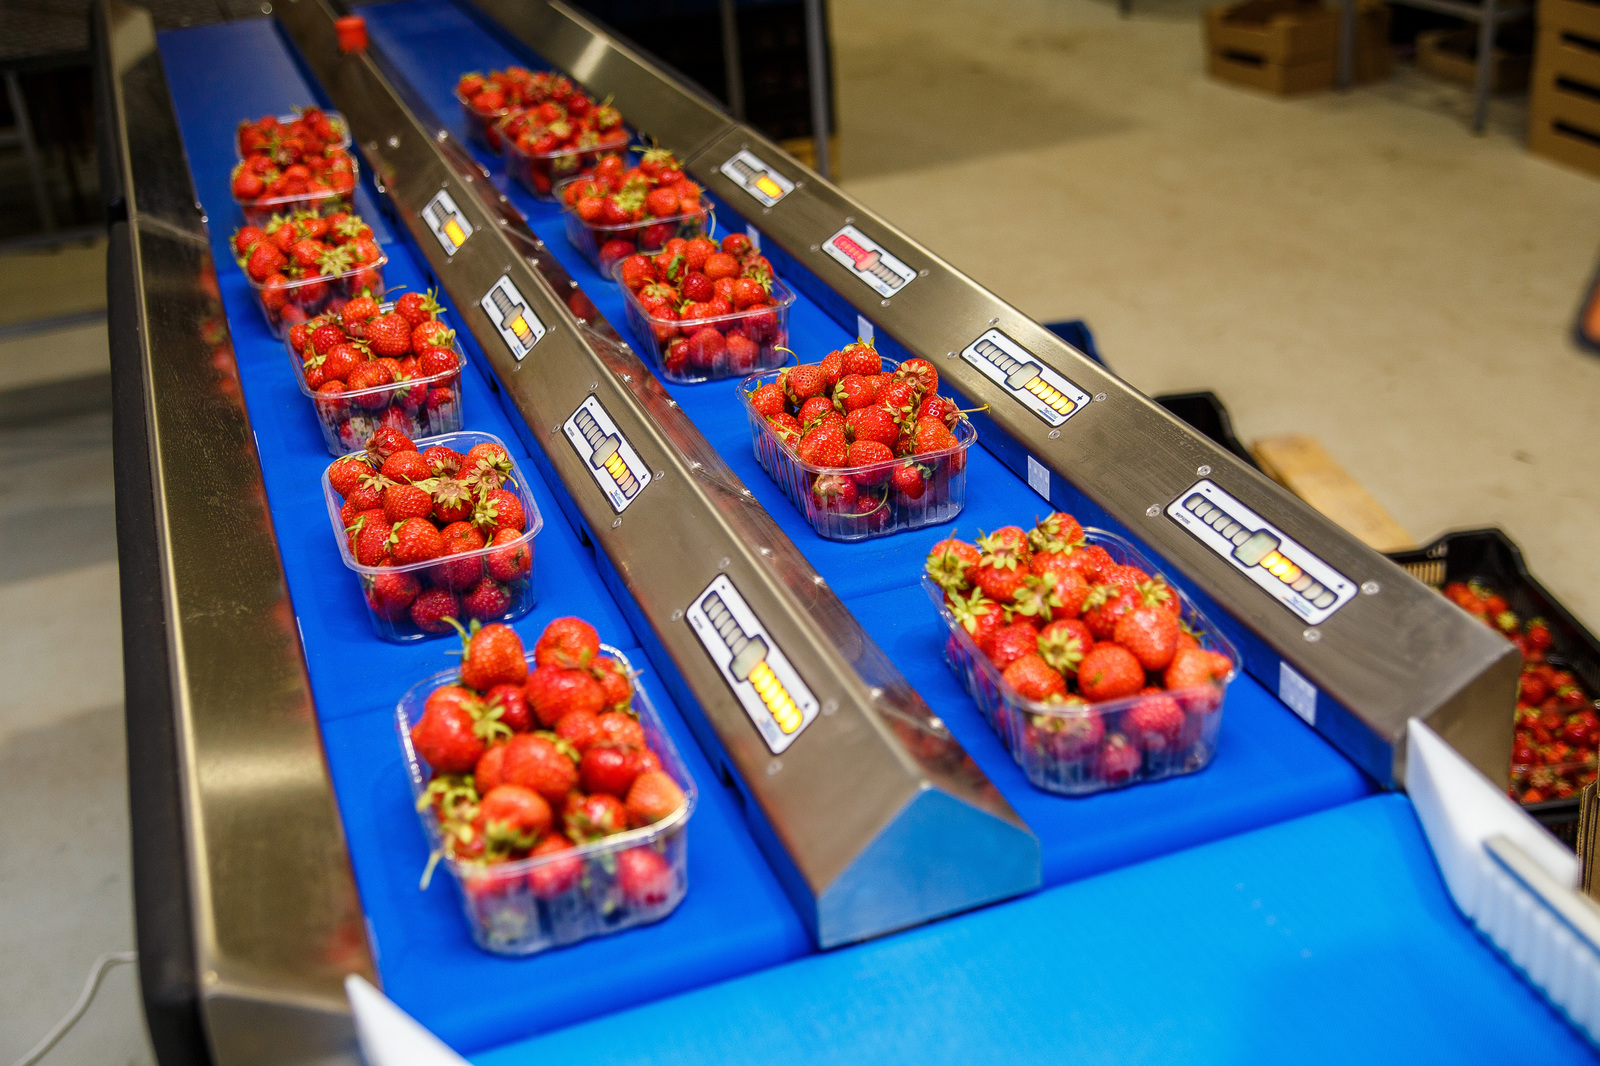 Как выращивают ягоды чтобы, урожай, материал, выращивается, необходимо, голубику, сделано, который, плодоношения, плодоносить, насаждения, можно, ягода, ягоды, вручную, самых, меньше, ягоду, только, лучшие